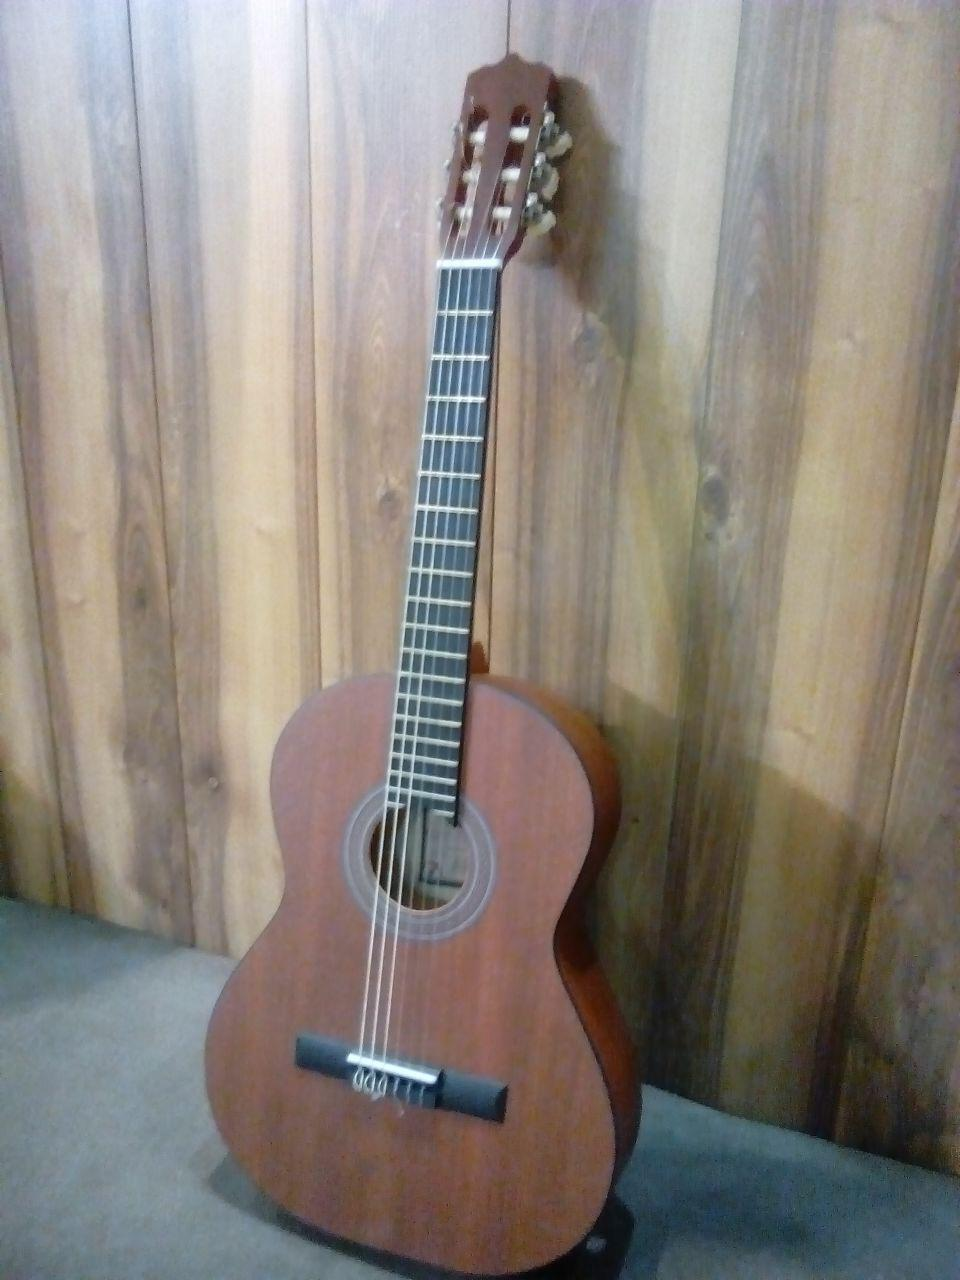 ساز گیتار ایرانی پارسی M2